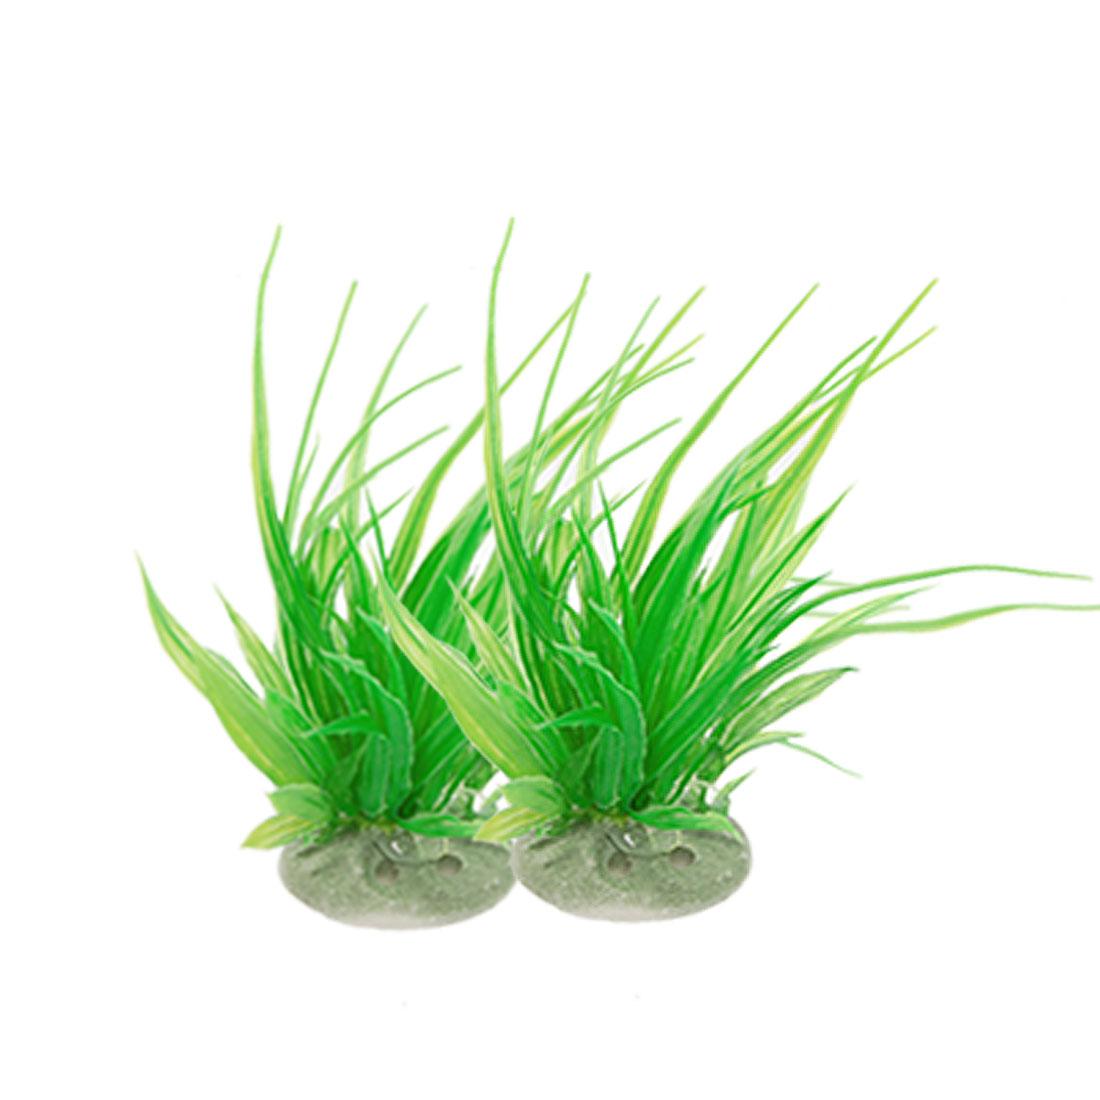 2 Pcs Emulational Green Plastic Plants Decor for Fish Tank Aquarium